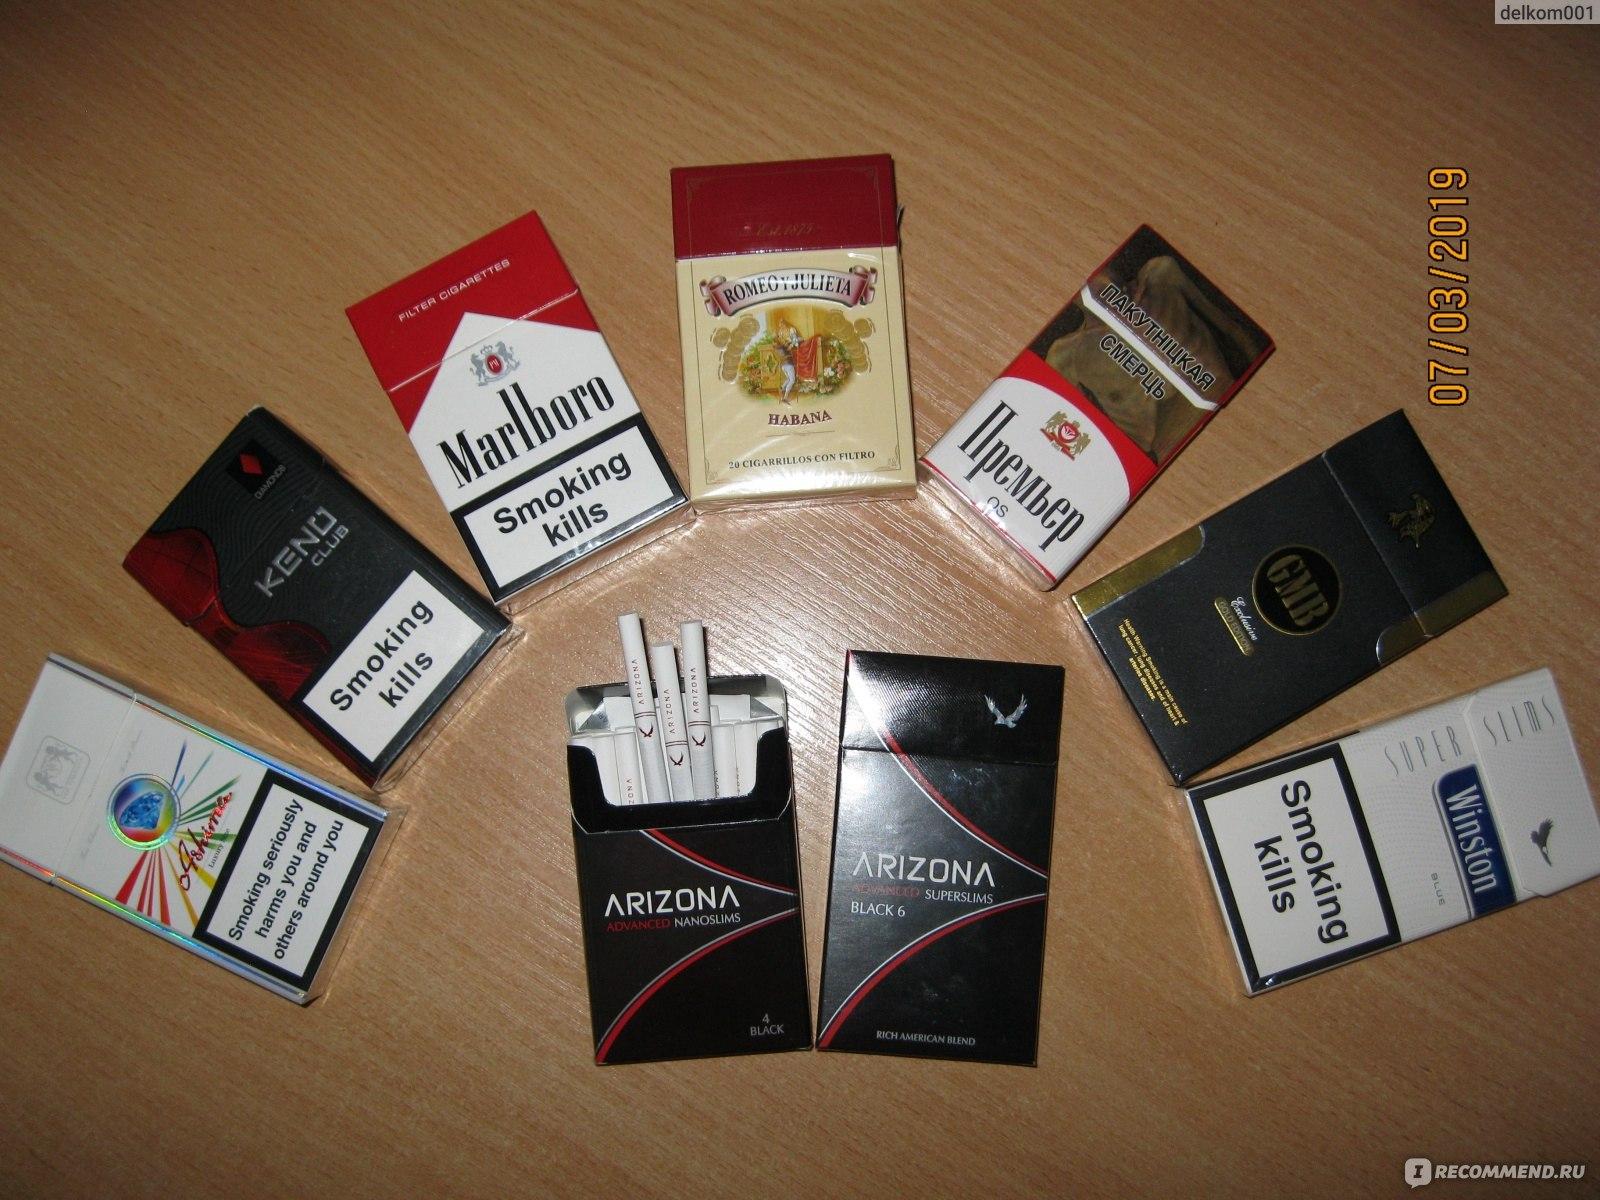 Аризона сигареты купить где купить самые дешевые сигареты цена